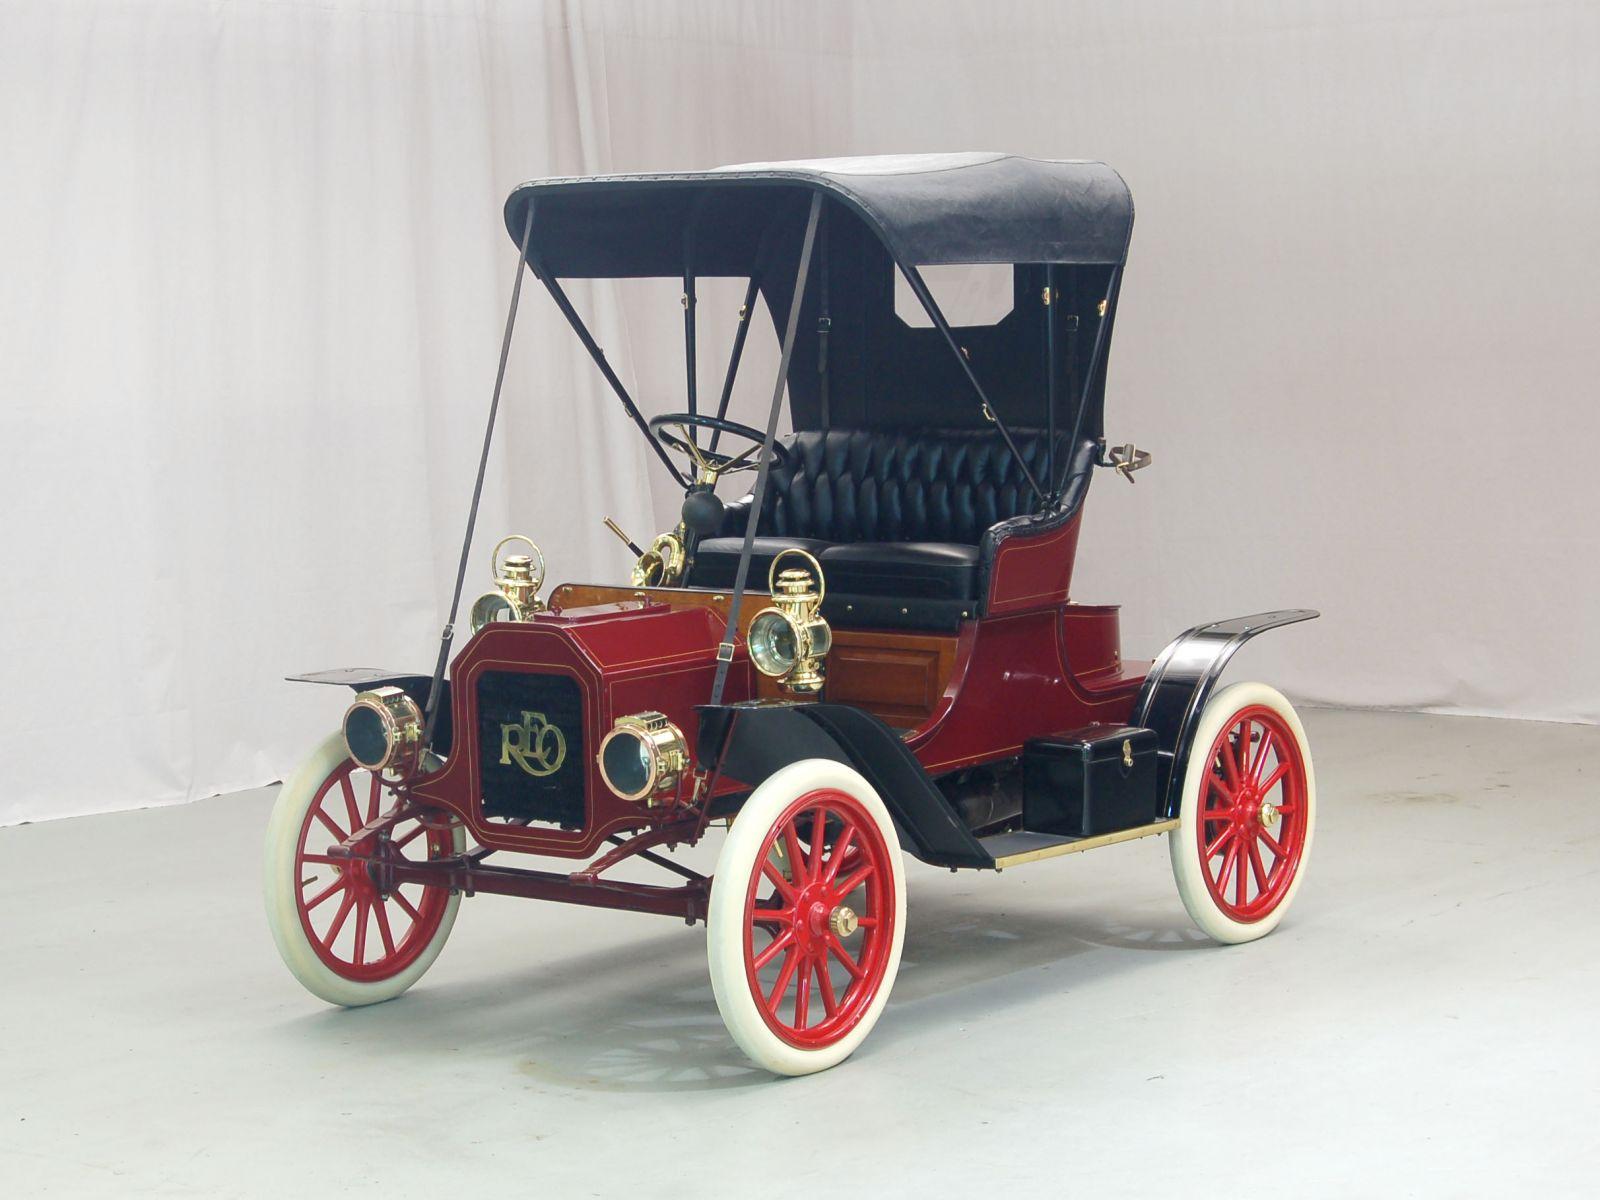 1908 Reo Hyman Ltd Classic Cars